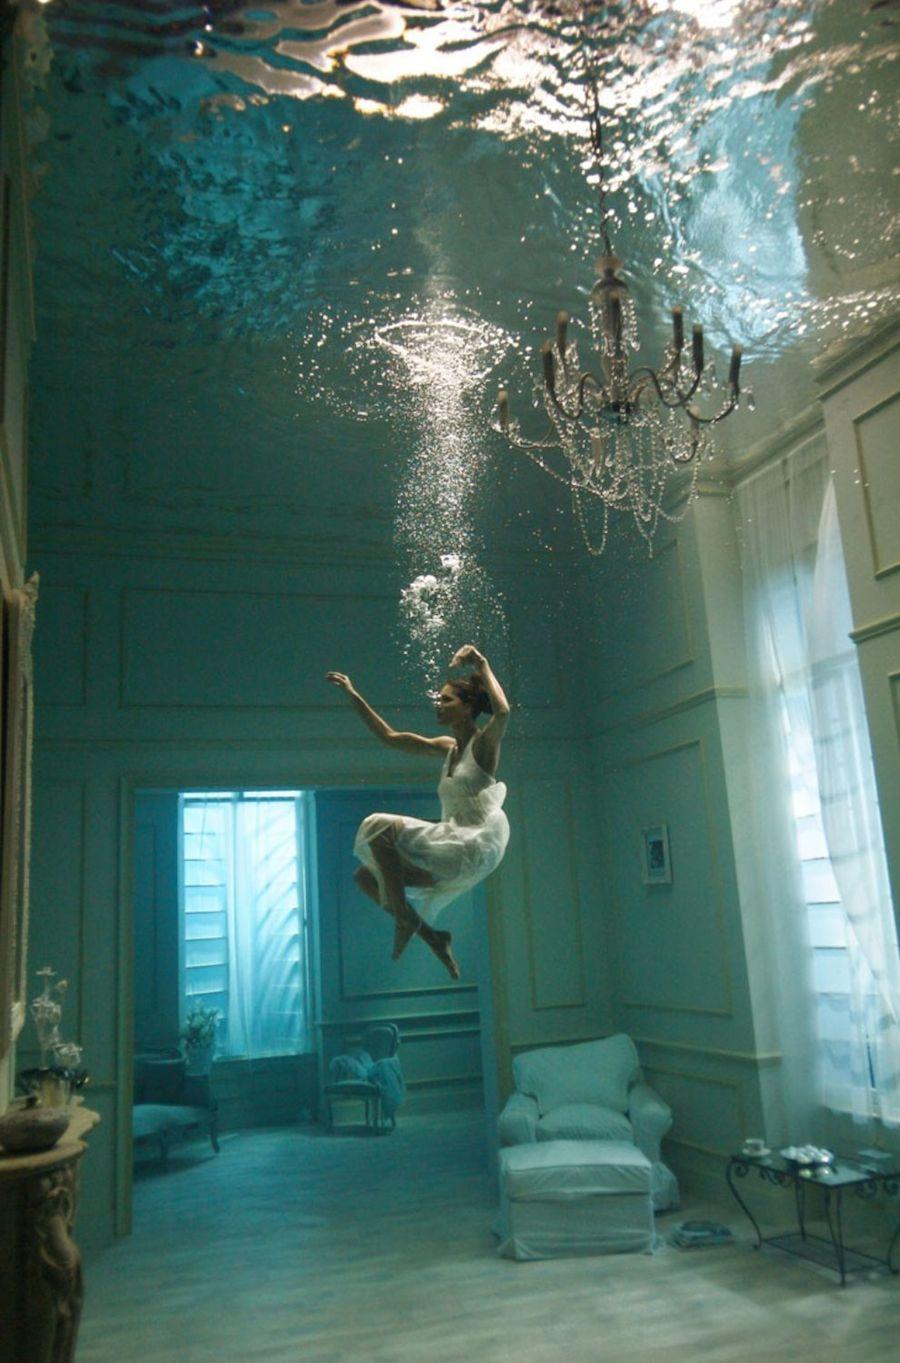 fotografia-subacquea-ritratti-phoebe-rudomino-2